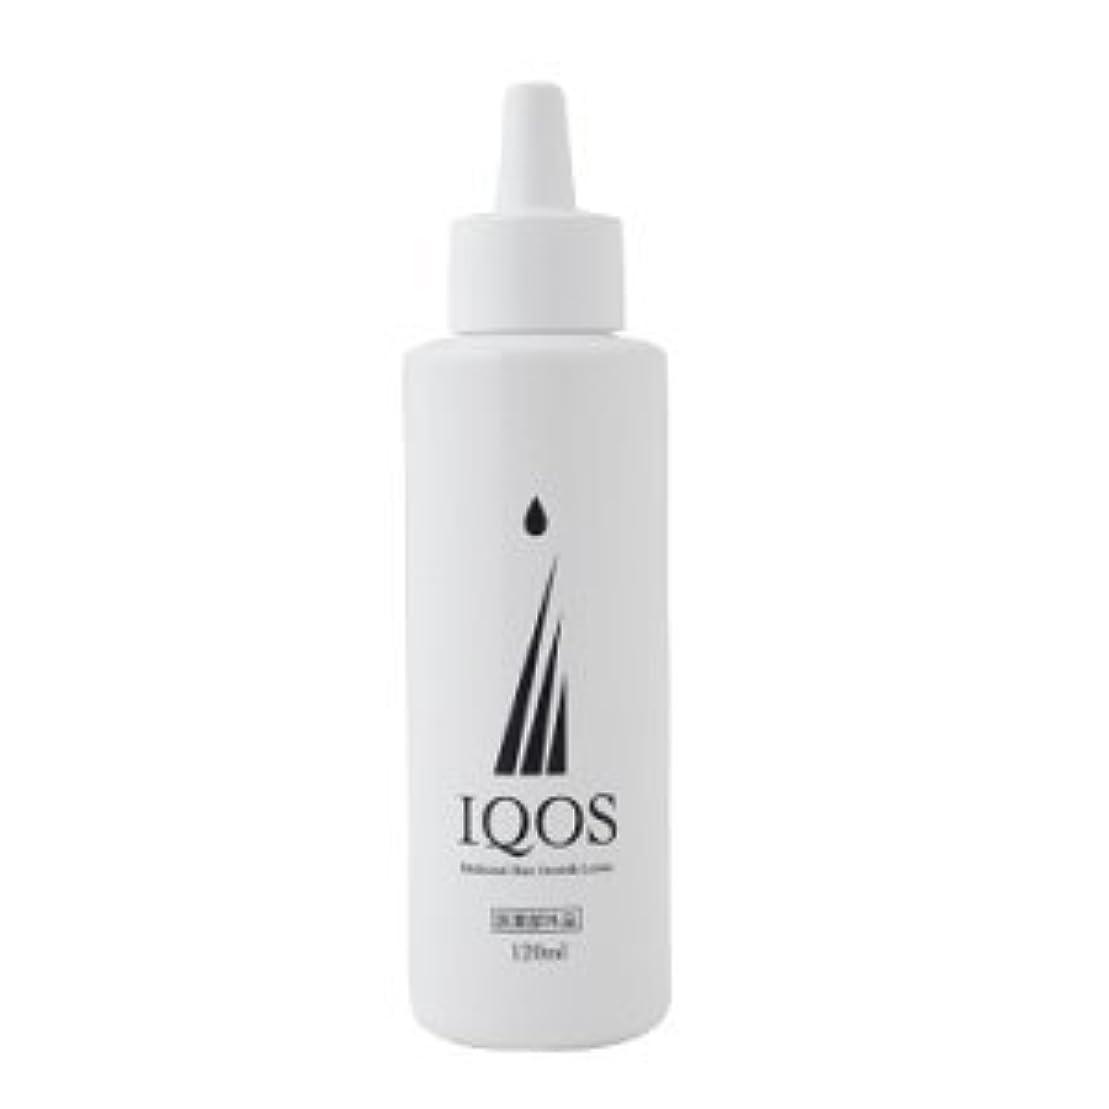 免除する威信信じるM-034を最大級配合 薬用育毛剤 IQOS イクオス 120ml